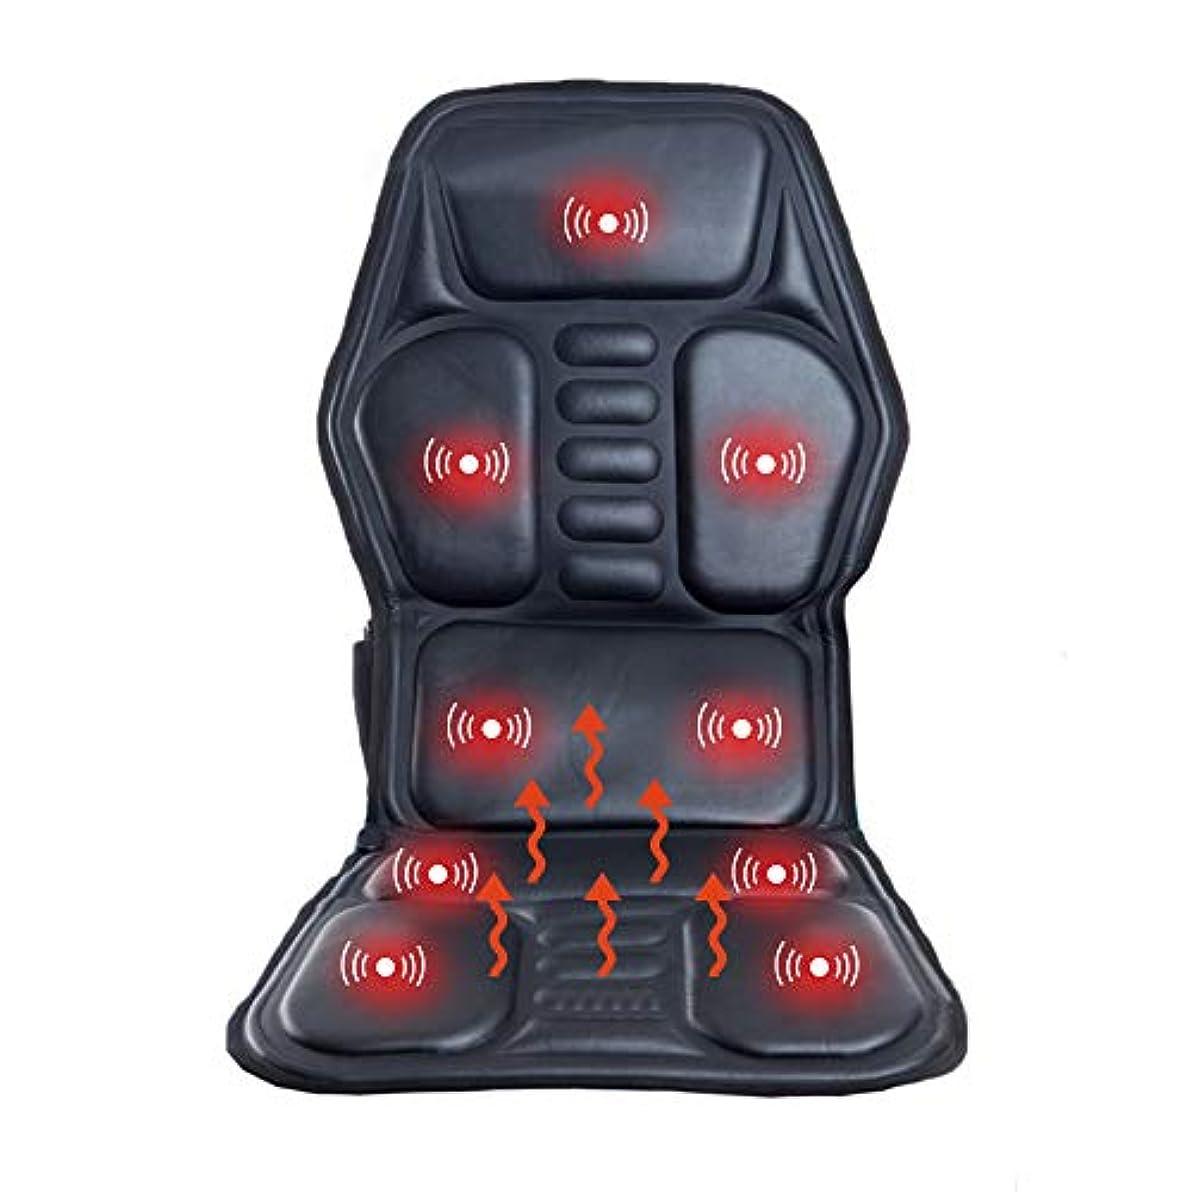 魔術師笑い安らぎカーシートバックマッサージャー 9モーター振動 ヒートチェアパッド 8つのモード 車のホームオフィスチェアのための